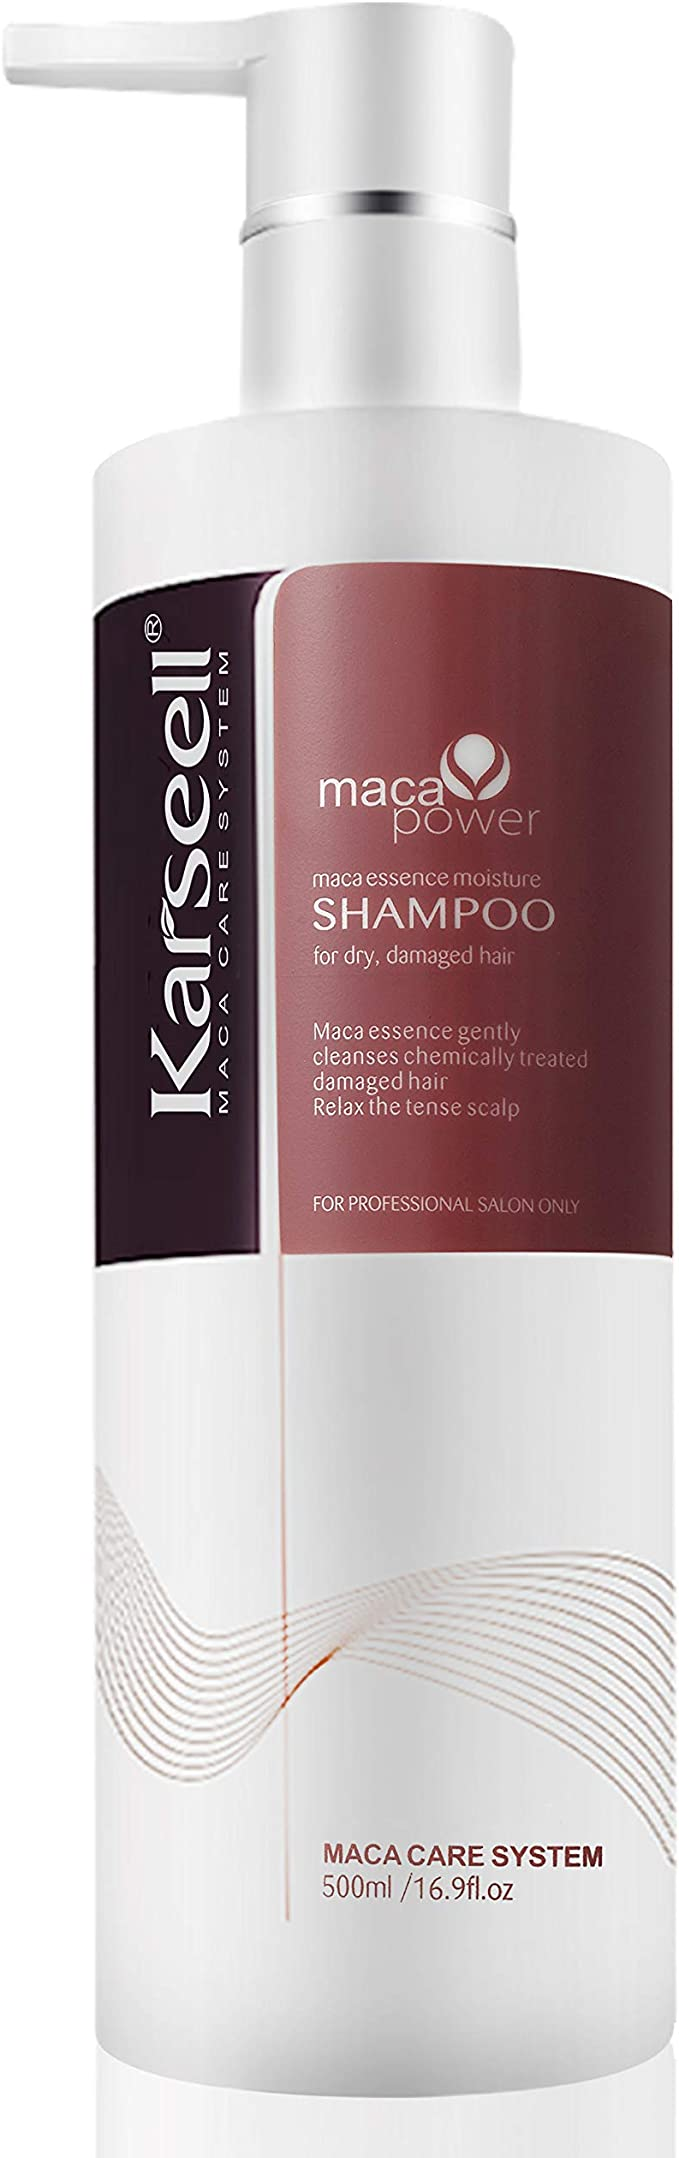 Champú Karseell aceite de argán extracto de proteína de queratina voluminizante champú hidratante suave en cabello rizado tratado para cabello seco y ...